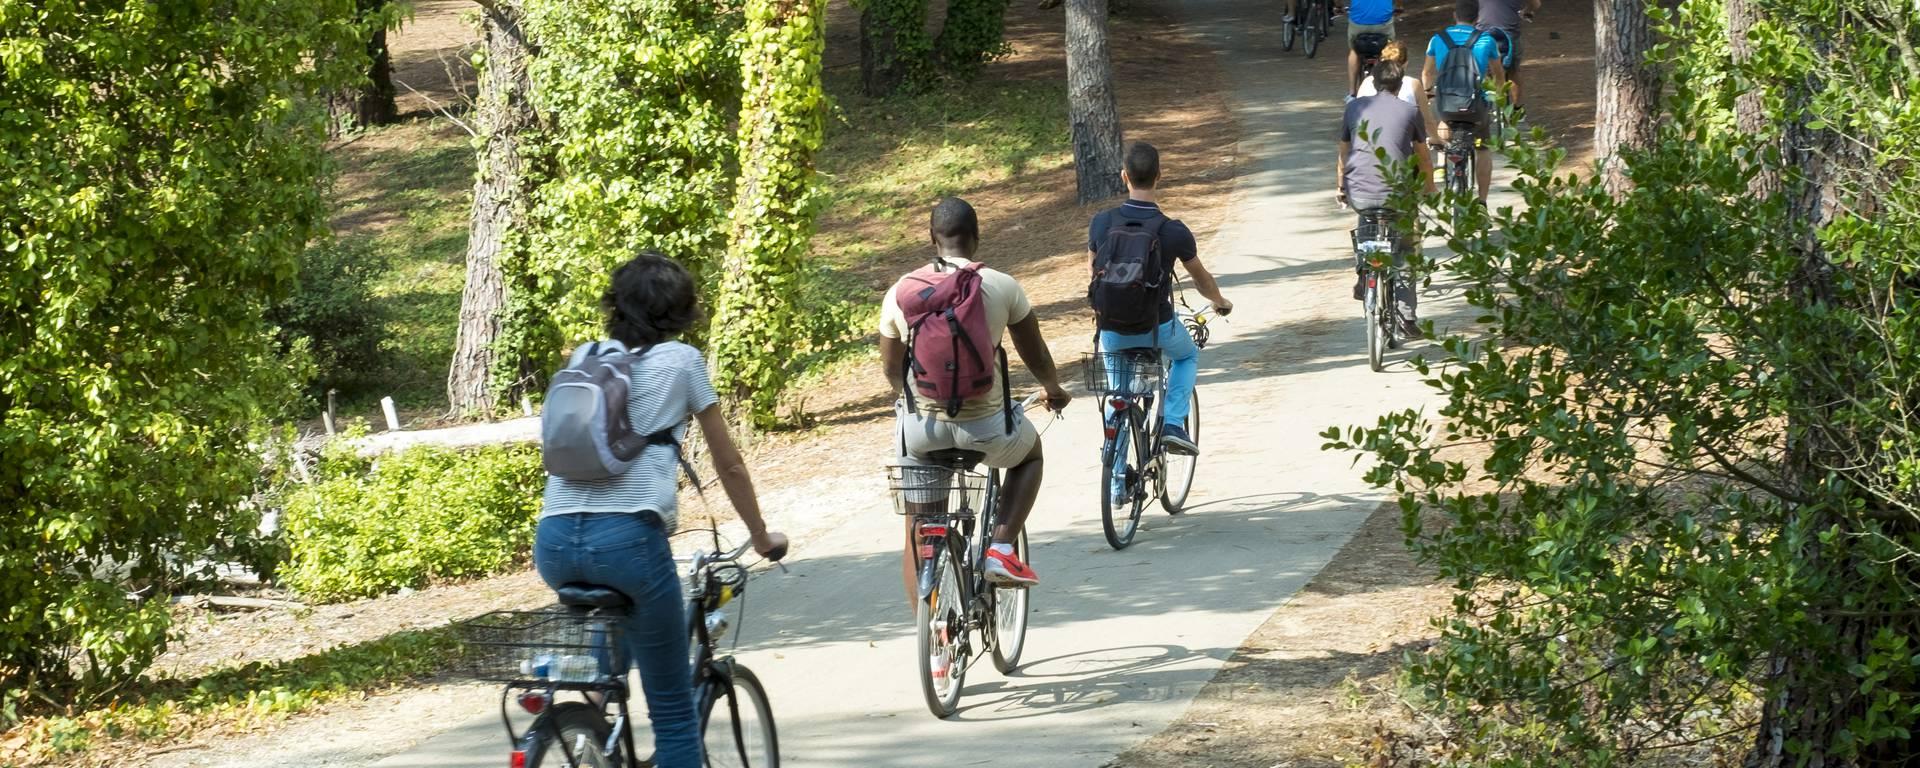 Ile de Ré by bike by Yann Werderoy